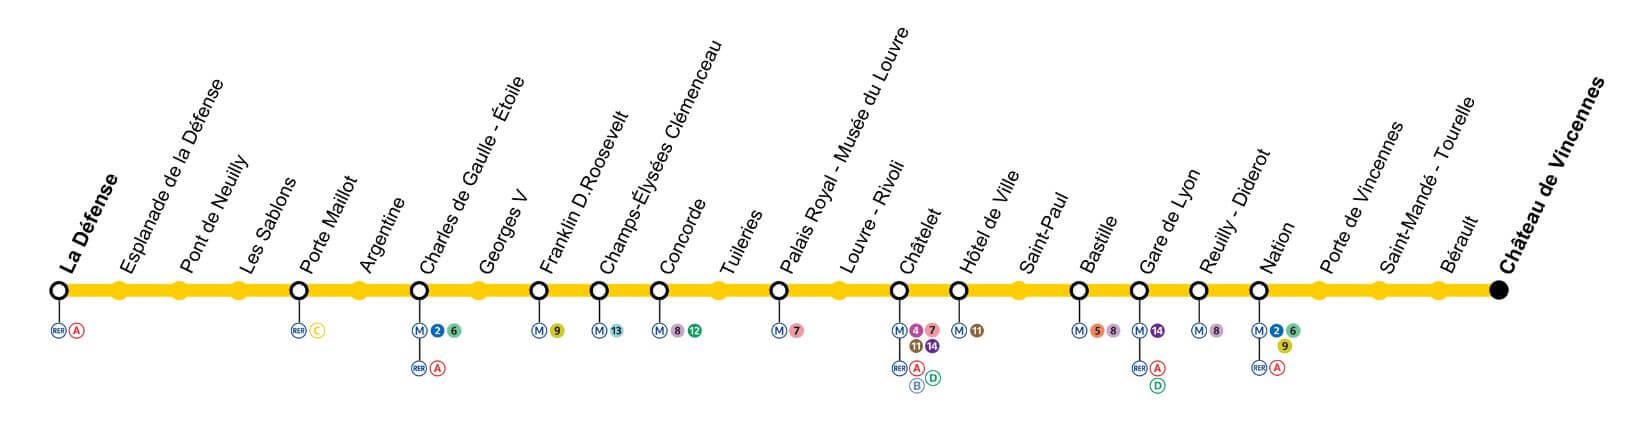 Metro of Paris - Line 1